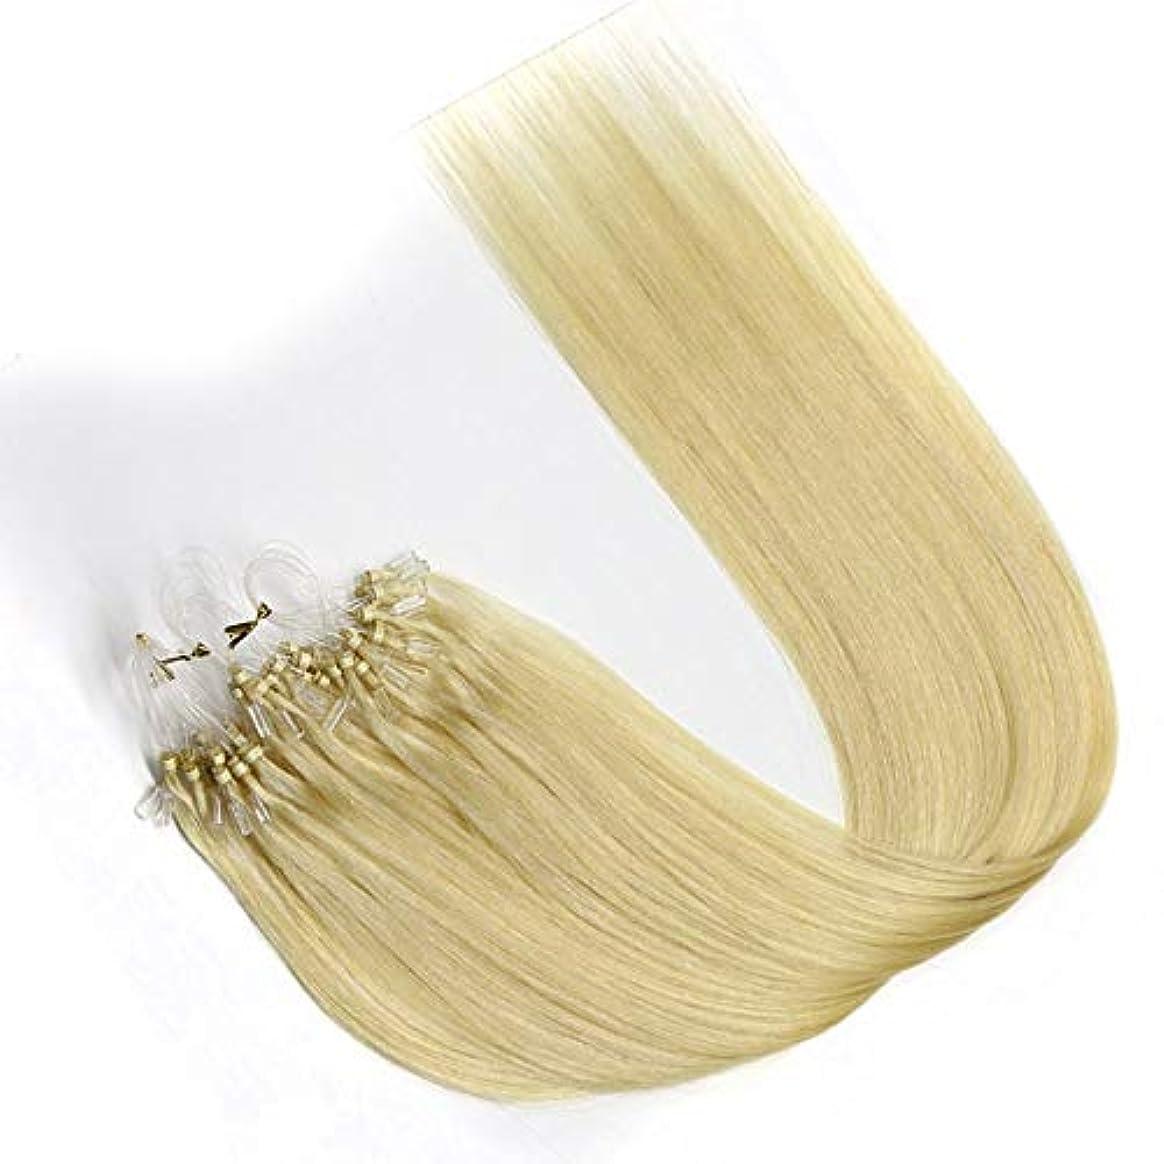 実質的パトワポットWASAIO 女性のためのヘアエクステンションクリップUnseamed髪型ブロンド着色簡単ループマイクロビーズを (色 : Blonde, サイズ : 22 inch)